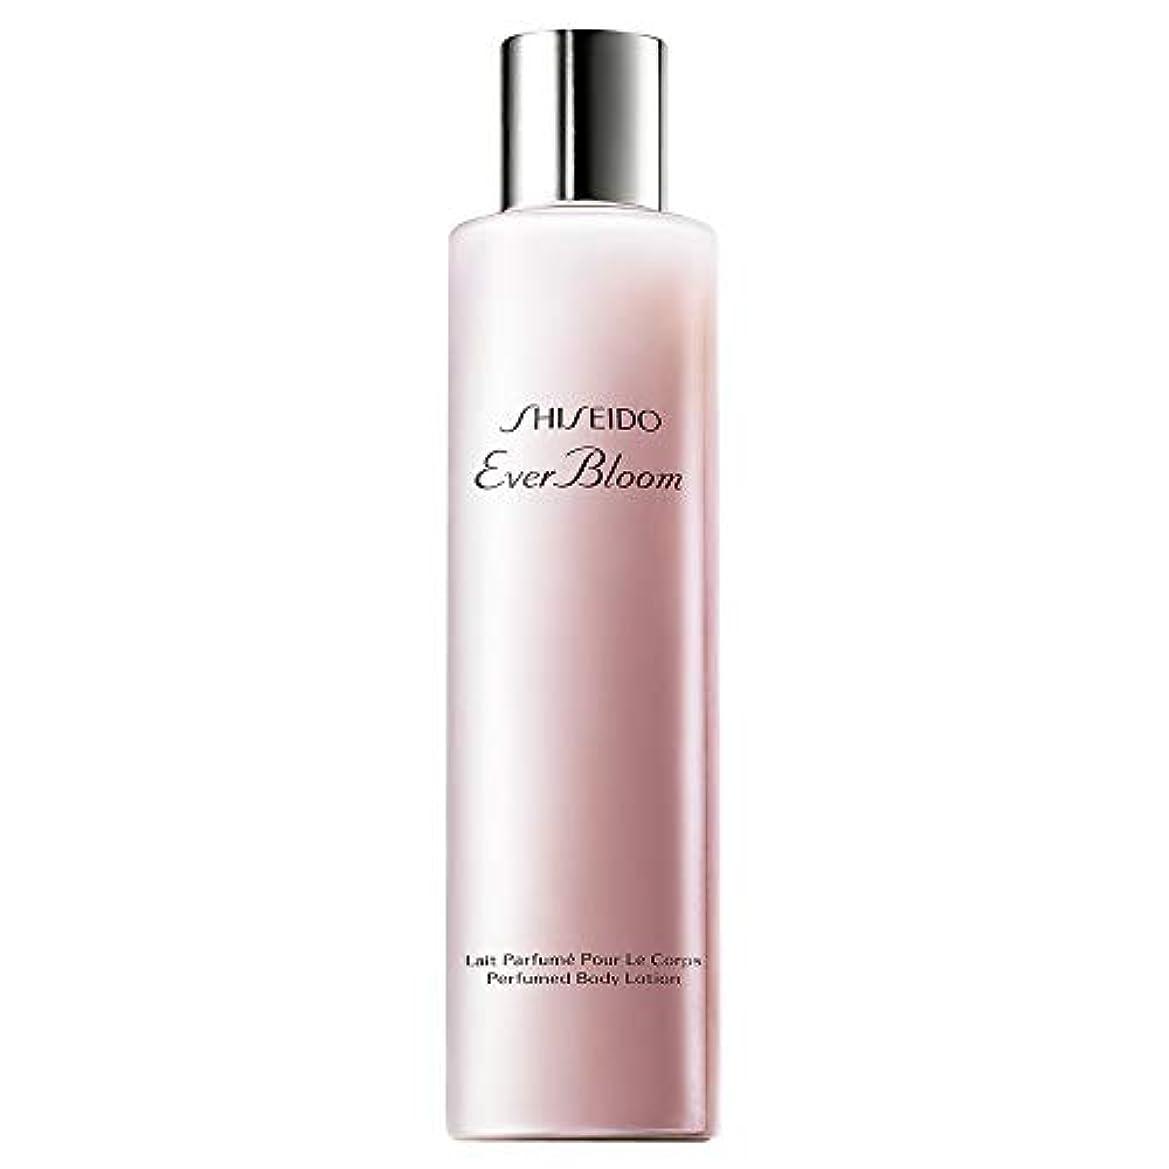 義務付けられた法律パイロット[Shiseido] 資生堂は、これまでのボディローション200ミリリットルを咲かせ - Shiseido Ever Bloom Body Lotion 200ml [並行輸入品]